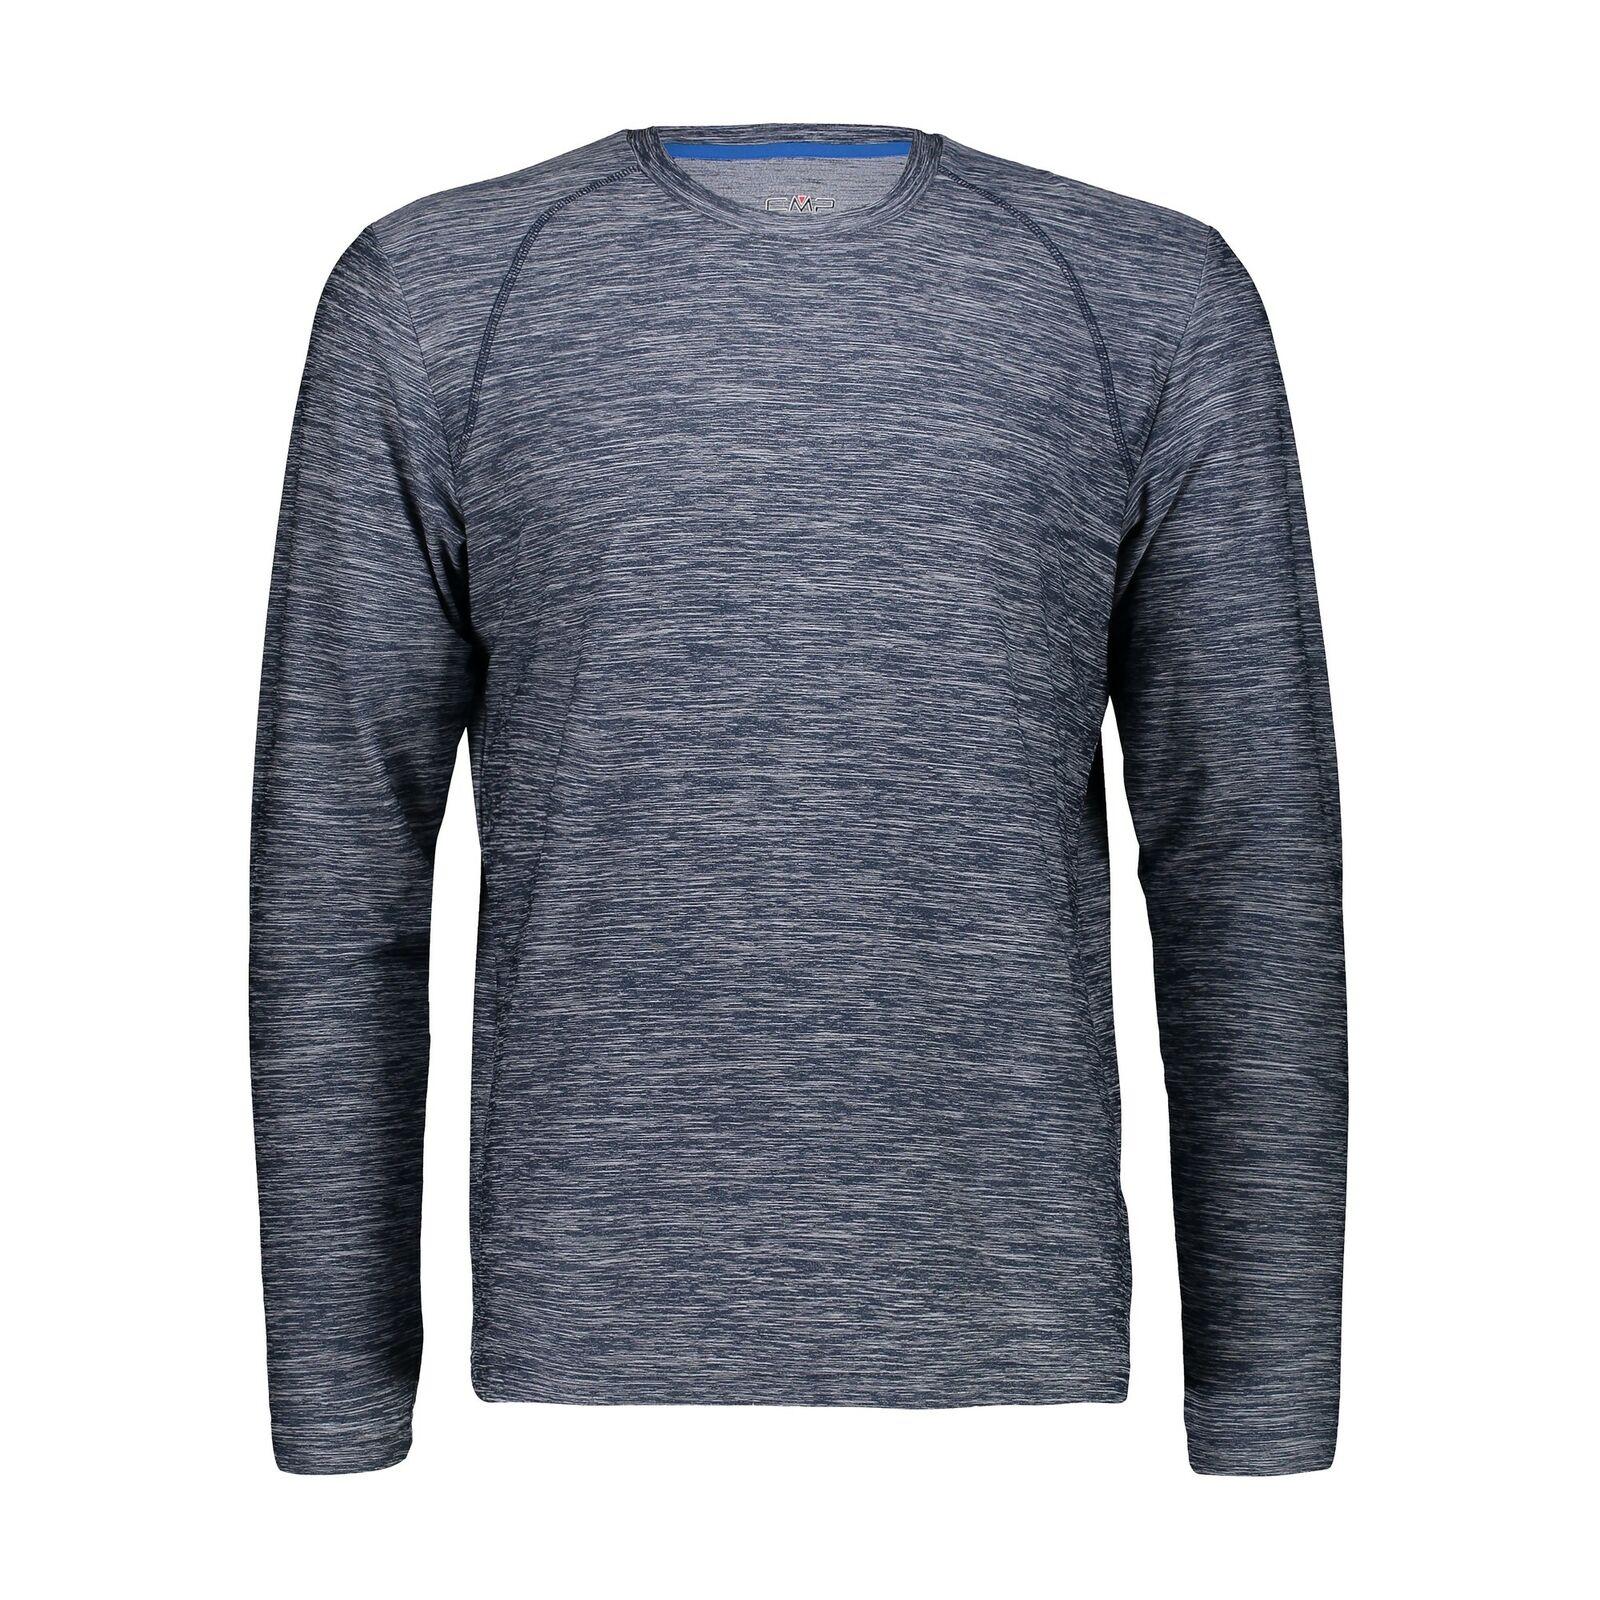 CMP Kleid Shirt Ein T-Shirt Blau Atembare Elastische Antibakterielle